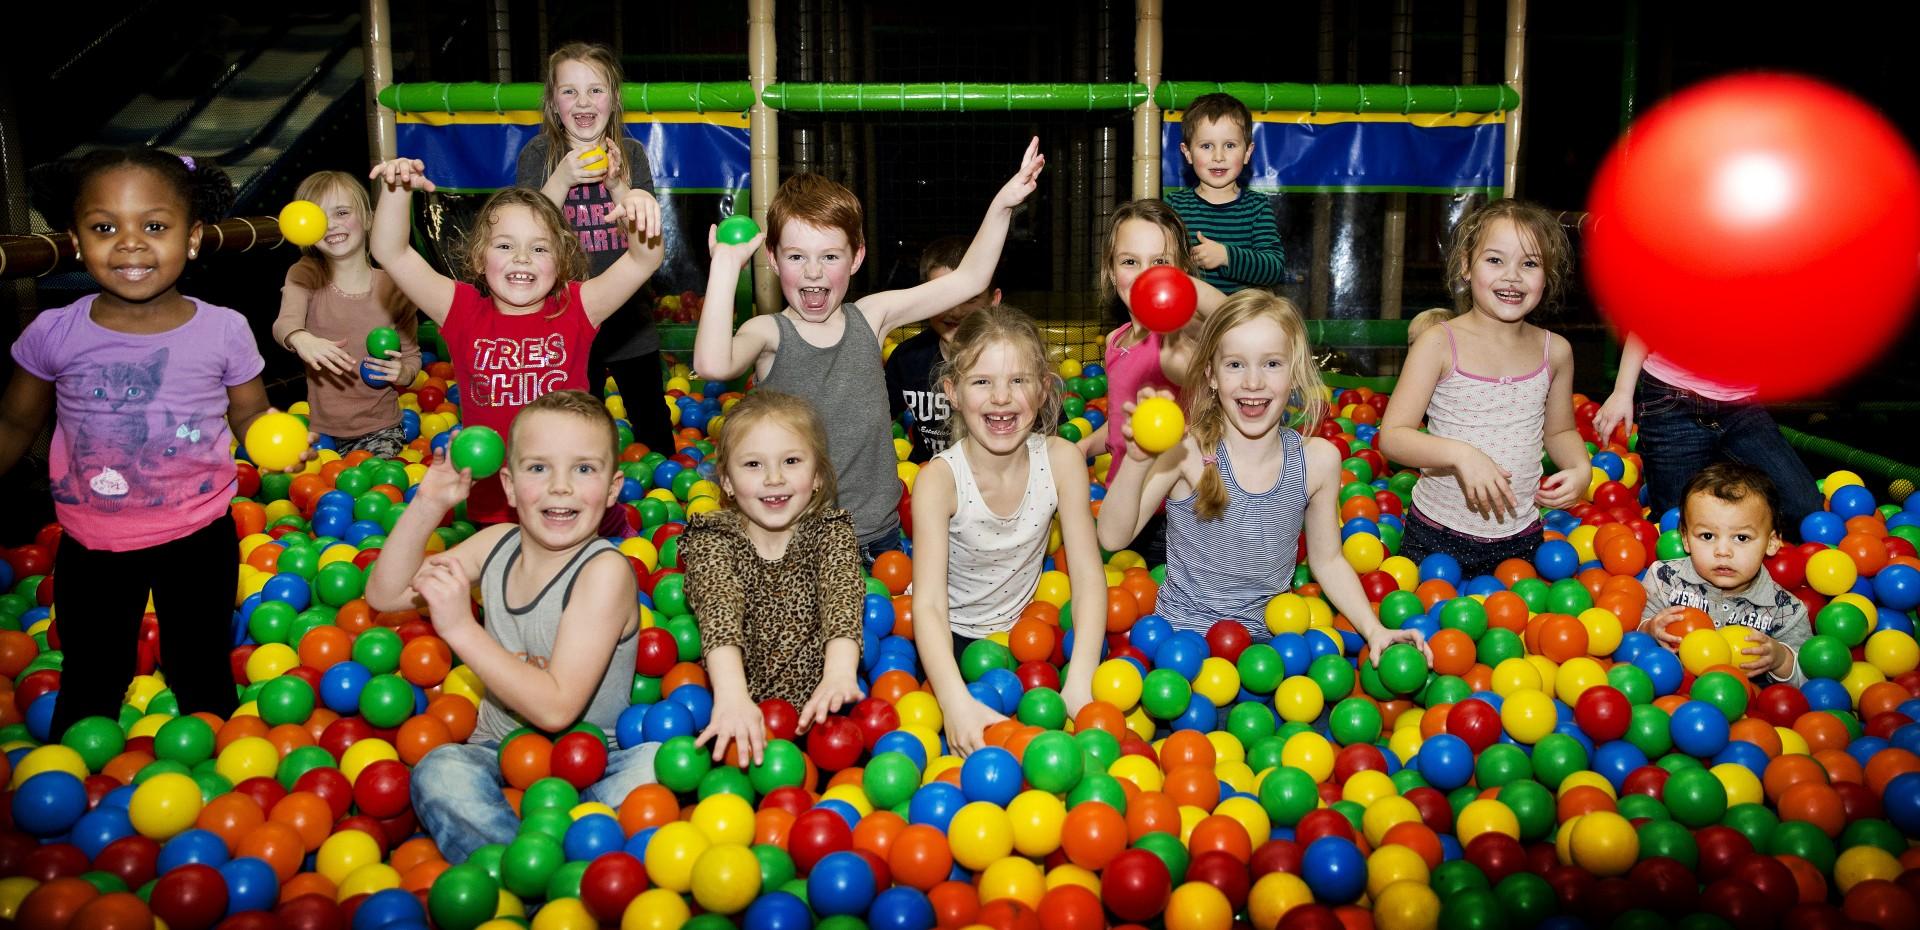 Steeds meer indoor speelparken voor kinderen